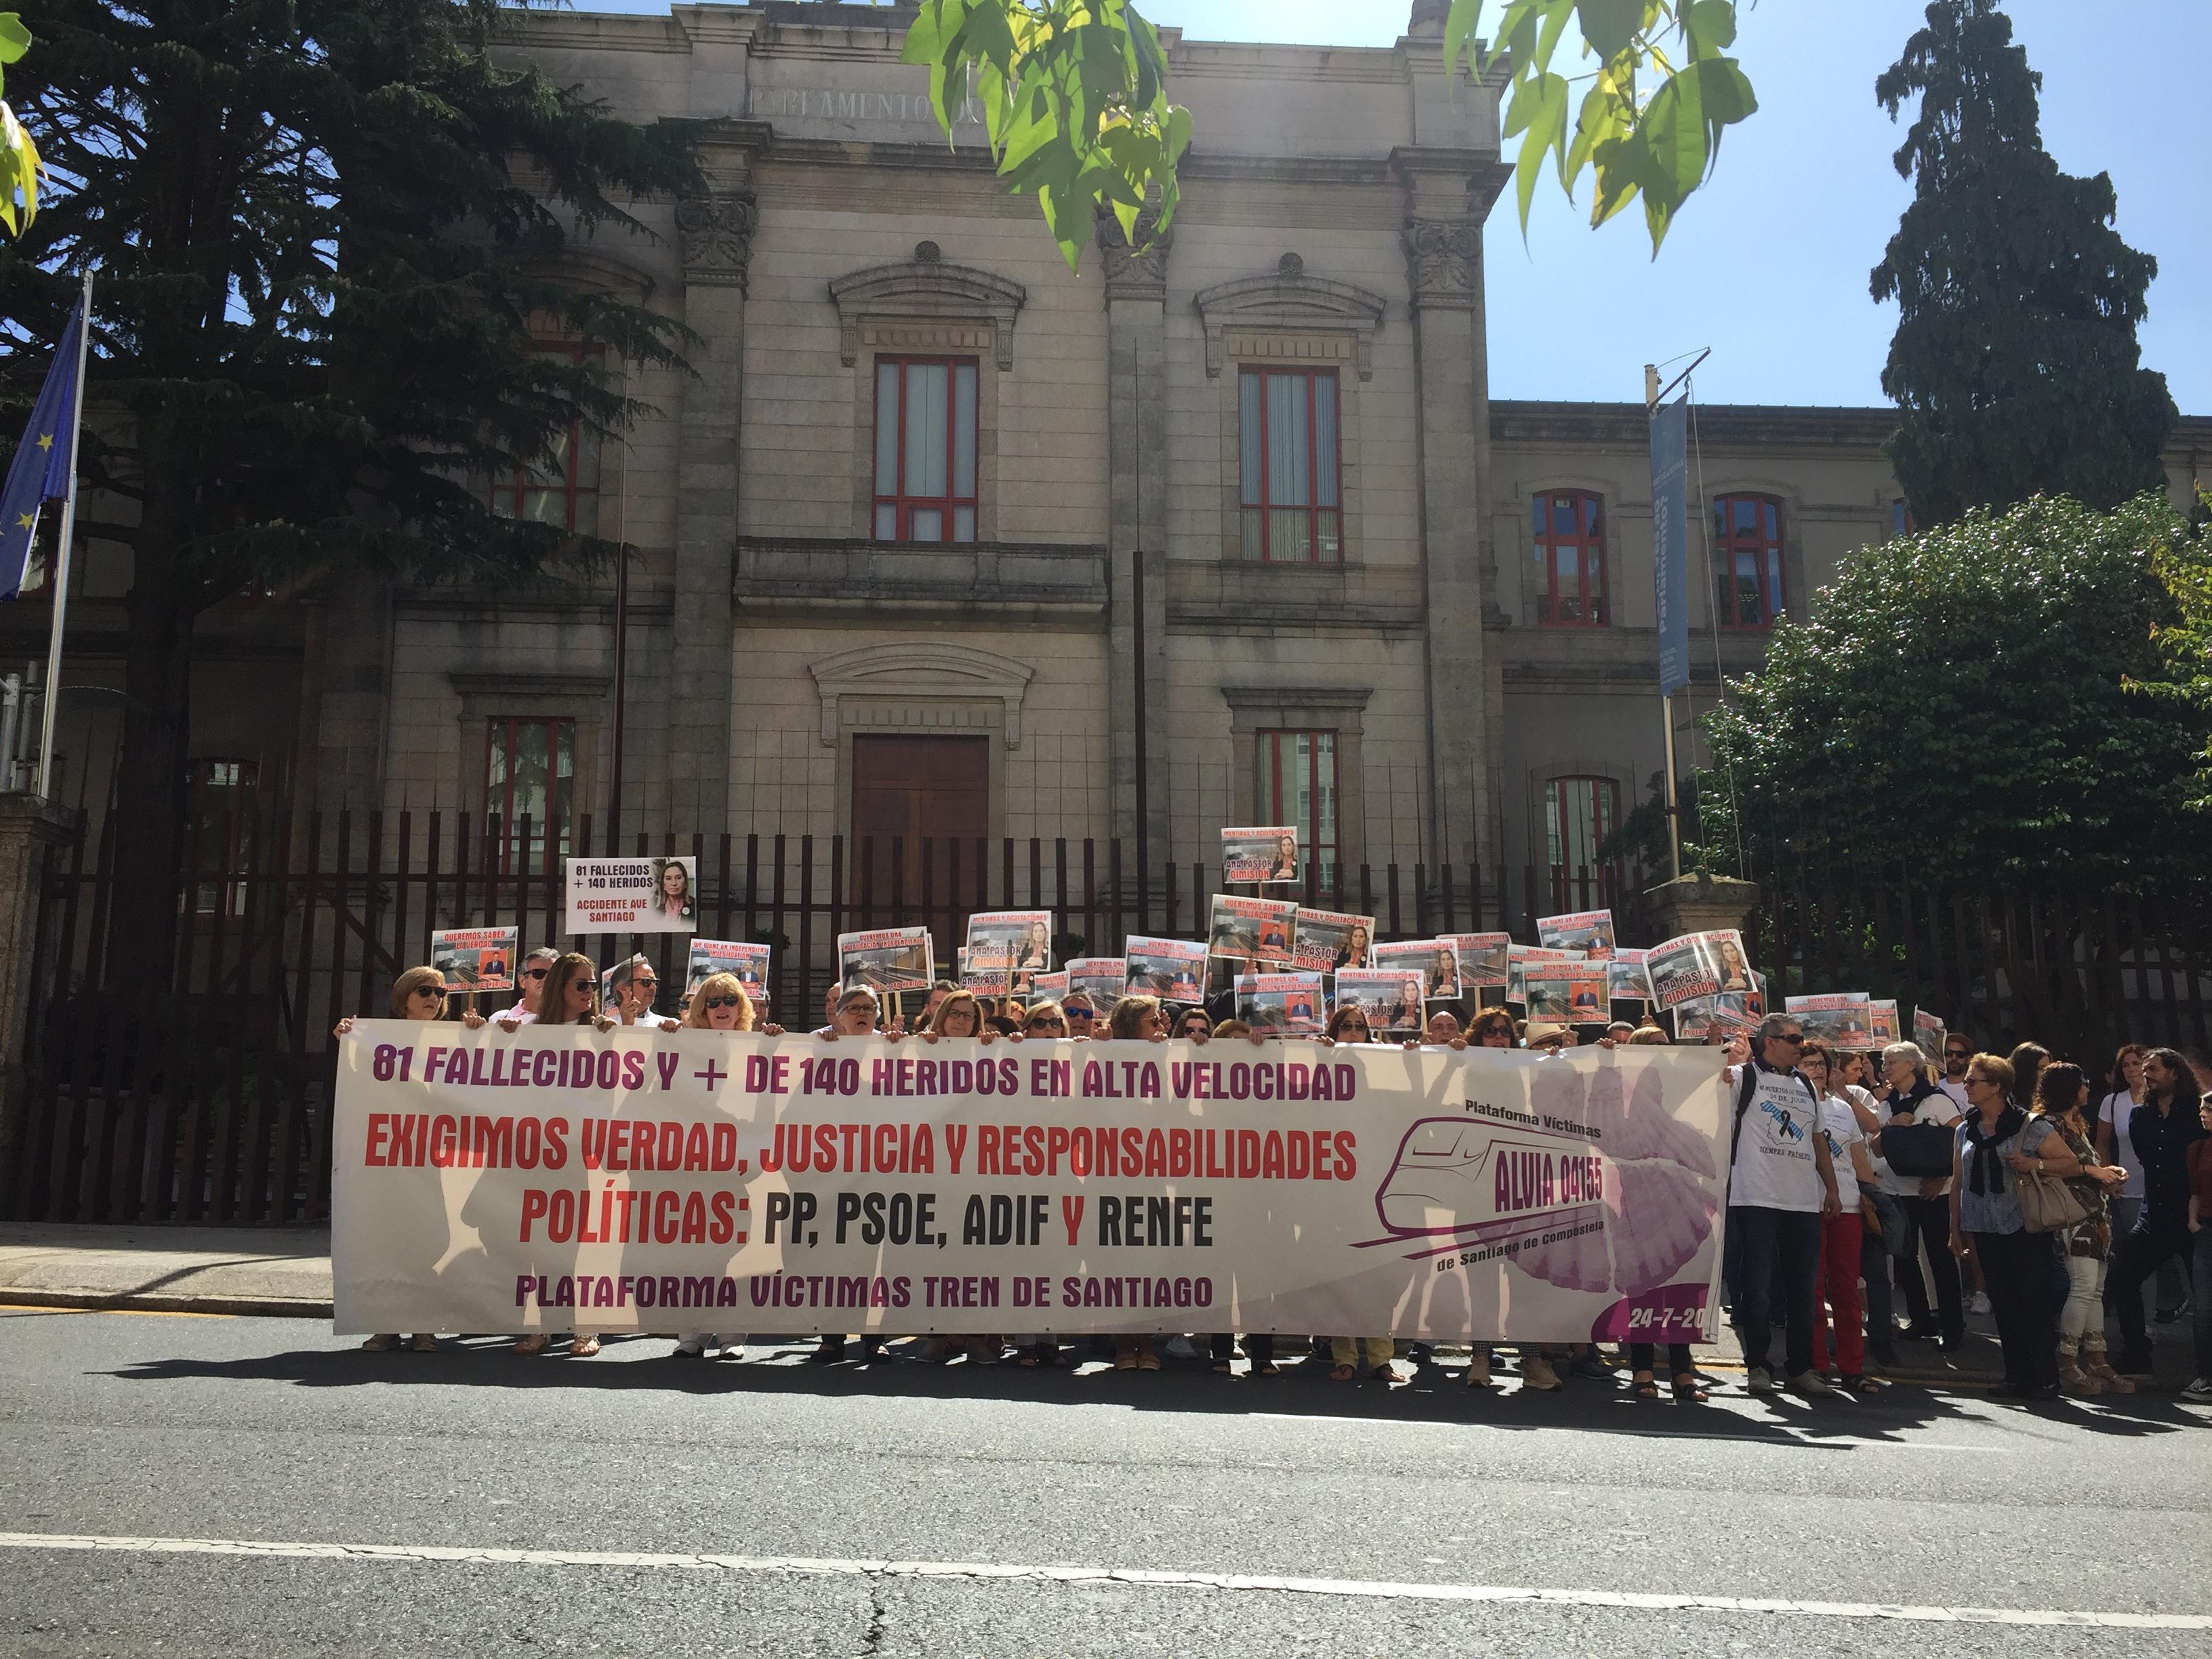 Vítimas de Angrois ante o Parlamento de Galicia no sexto aniversario do accidente